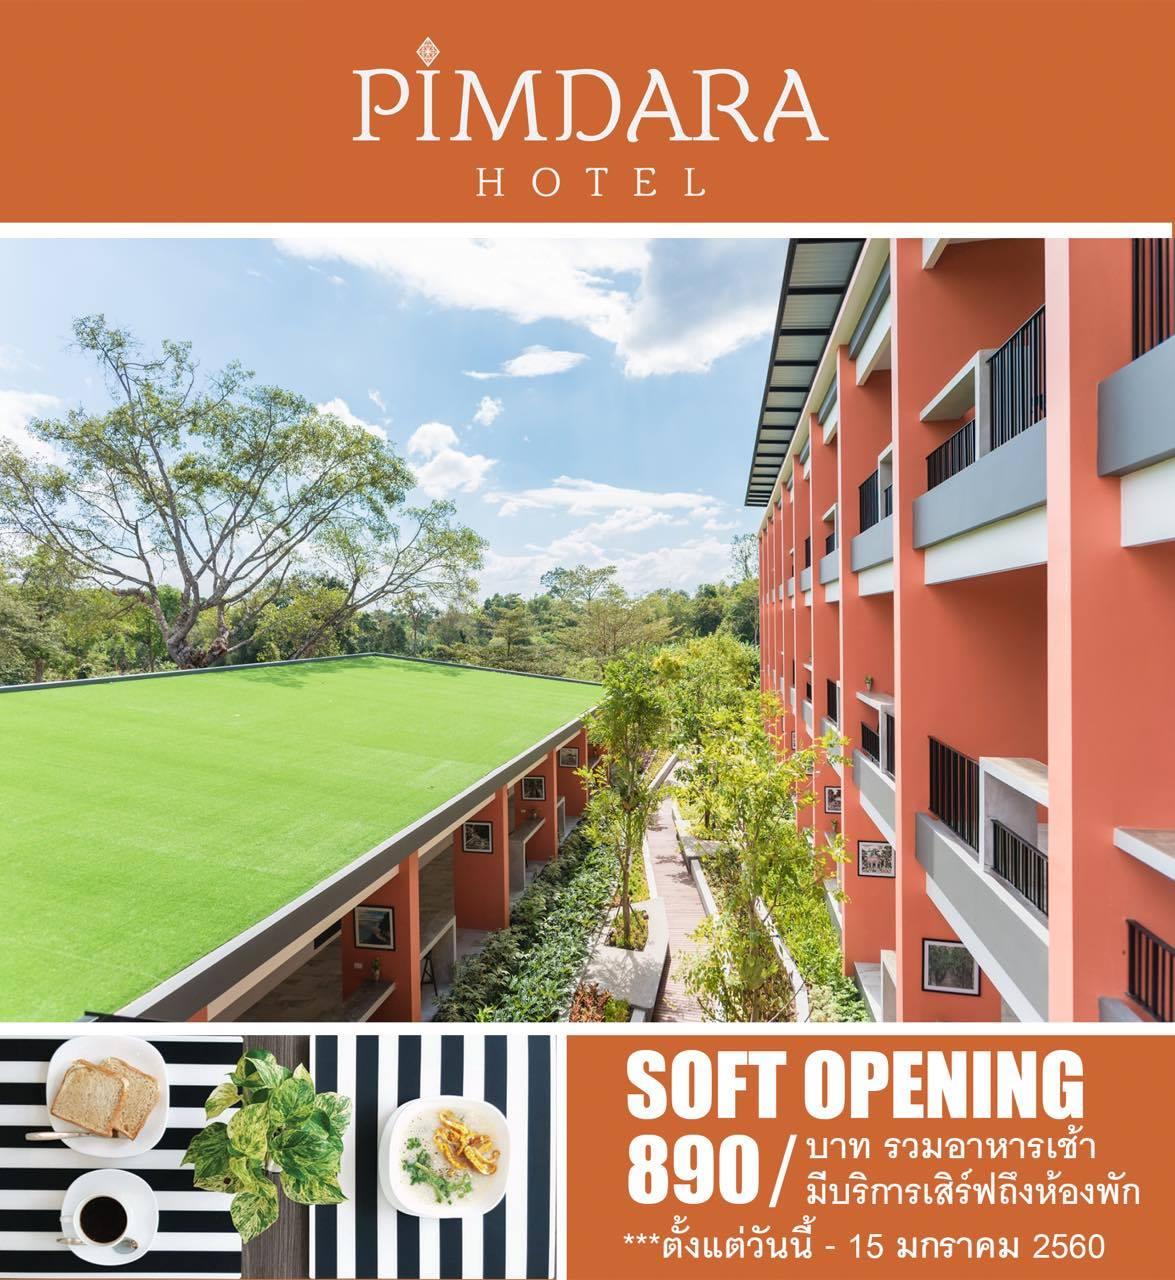 pimdara-hotel-5